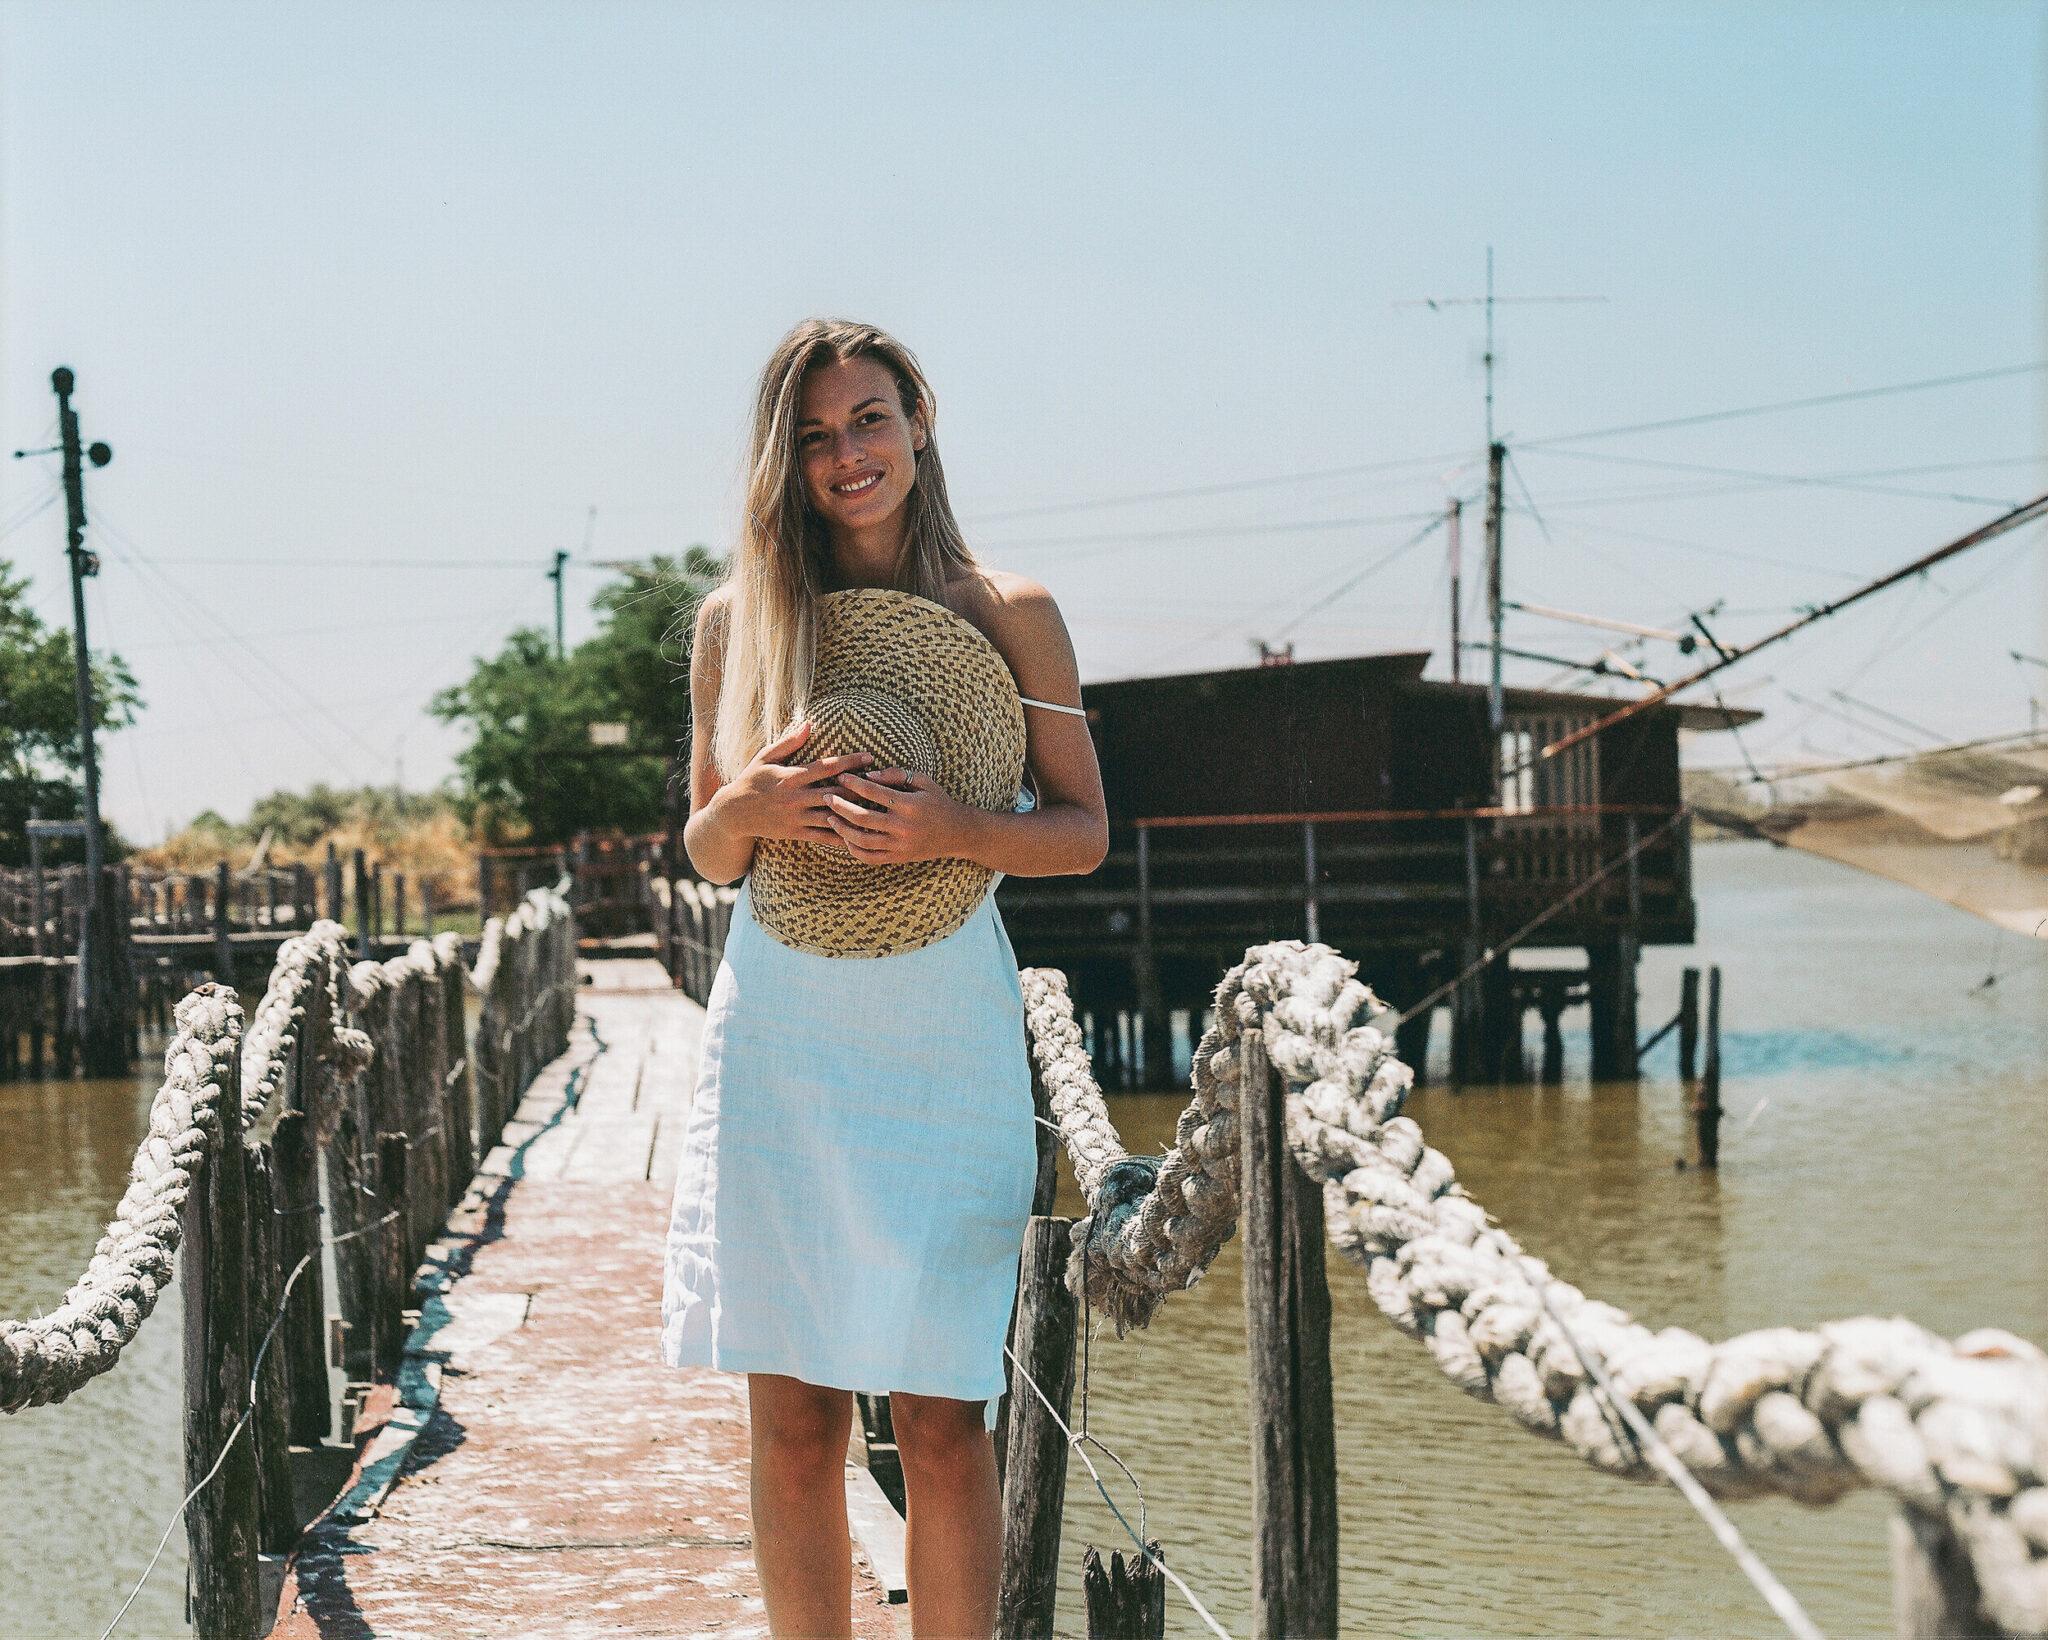 Modella con vestito azzurro e cappello di paglia, su un ponte in mezzo a una palude, fotografia analogica medio formato